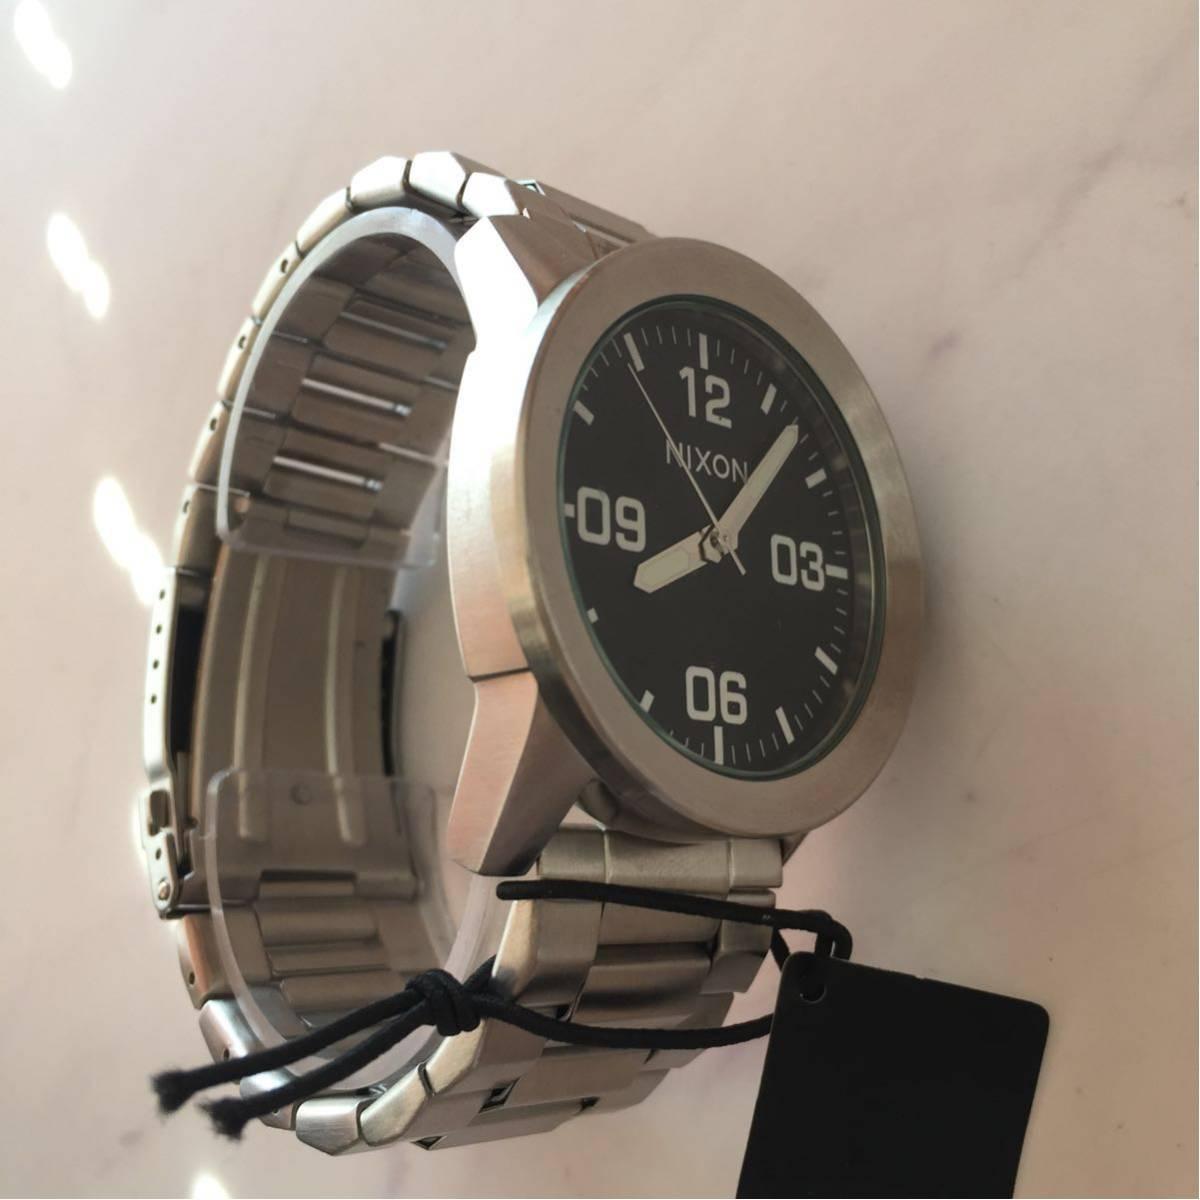 新品箱付き NIXON ニクソン 腕時計 PRIVATE プライベート A276-000 ブラック メタル A276000_画像5